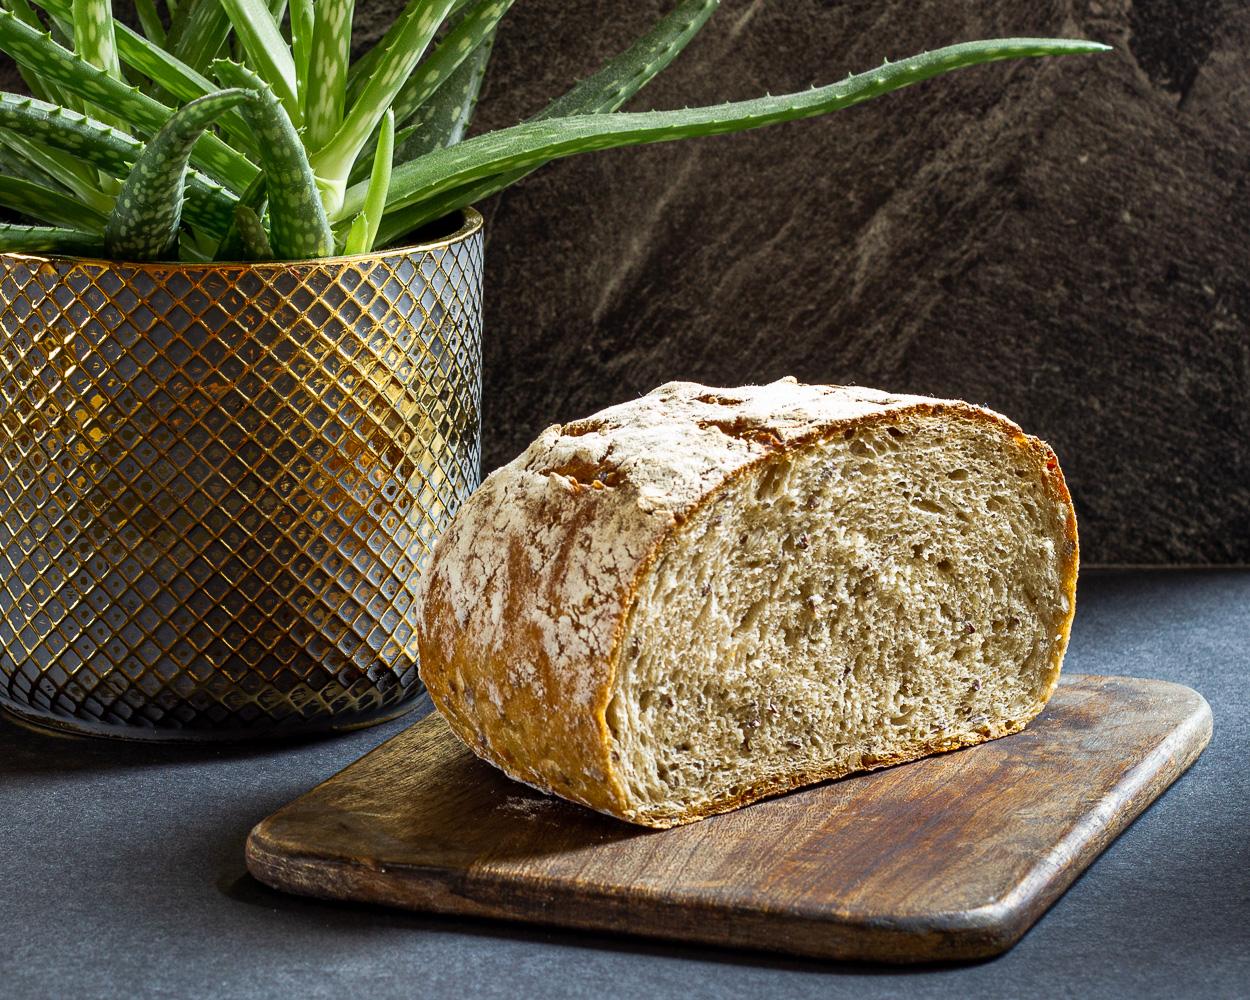 Kváskový chléb se syrovou bramborou